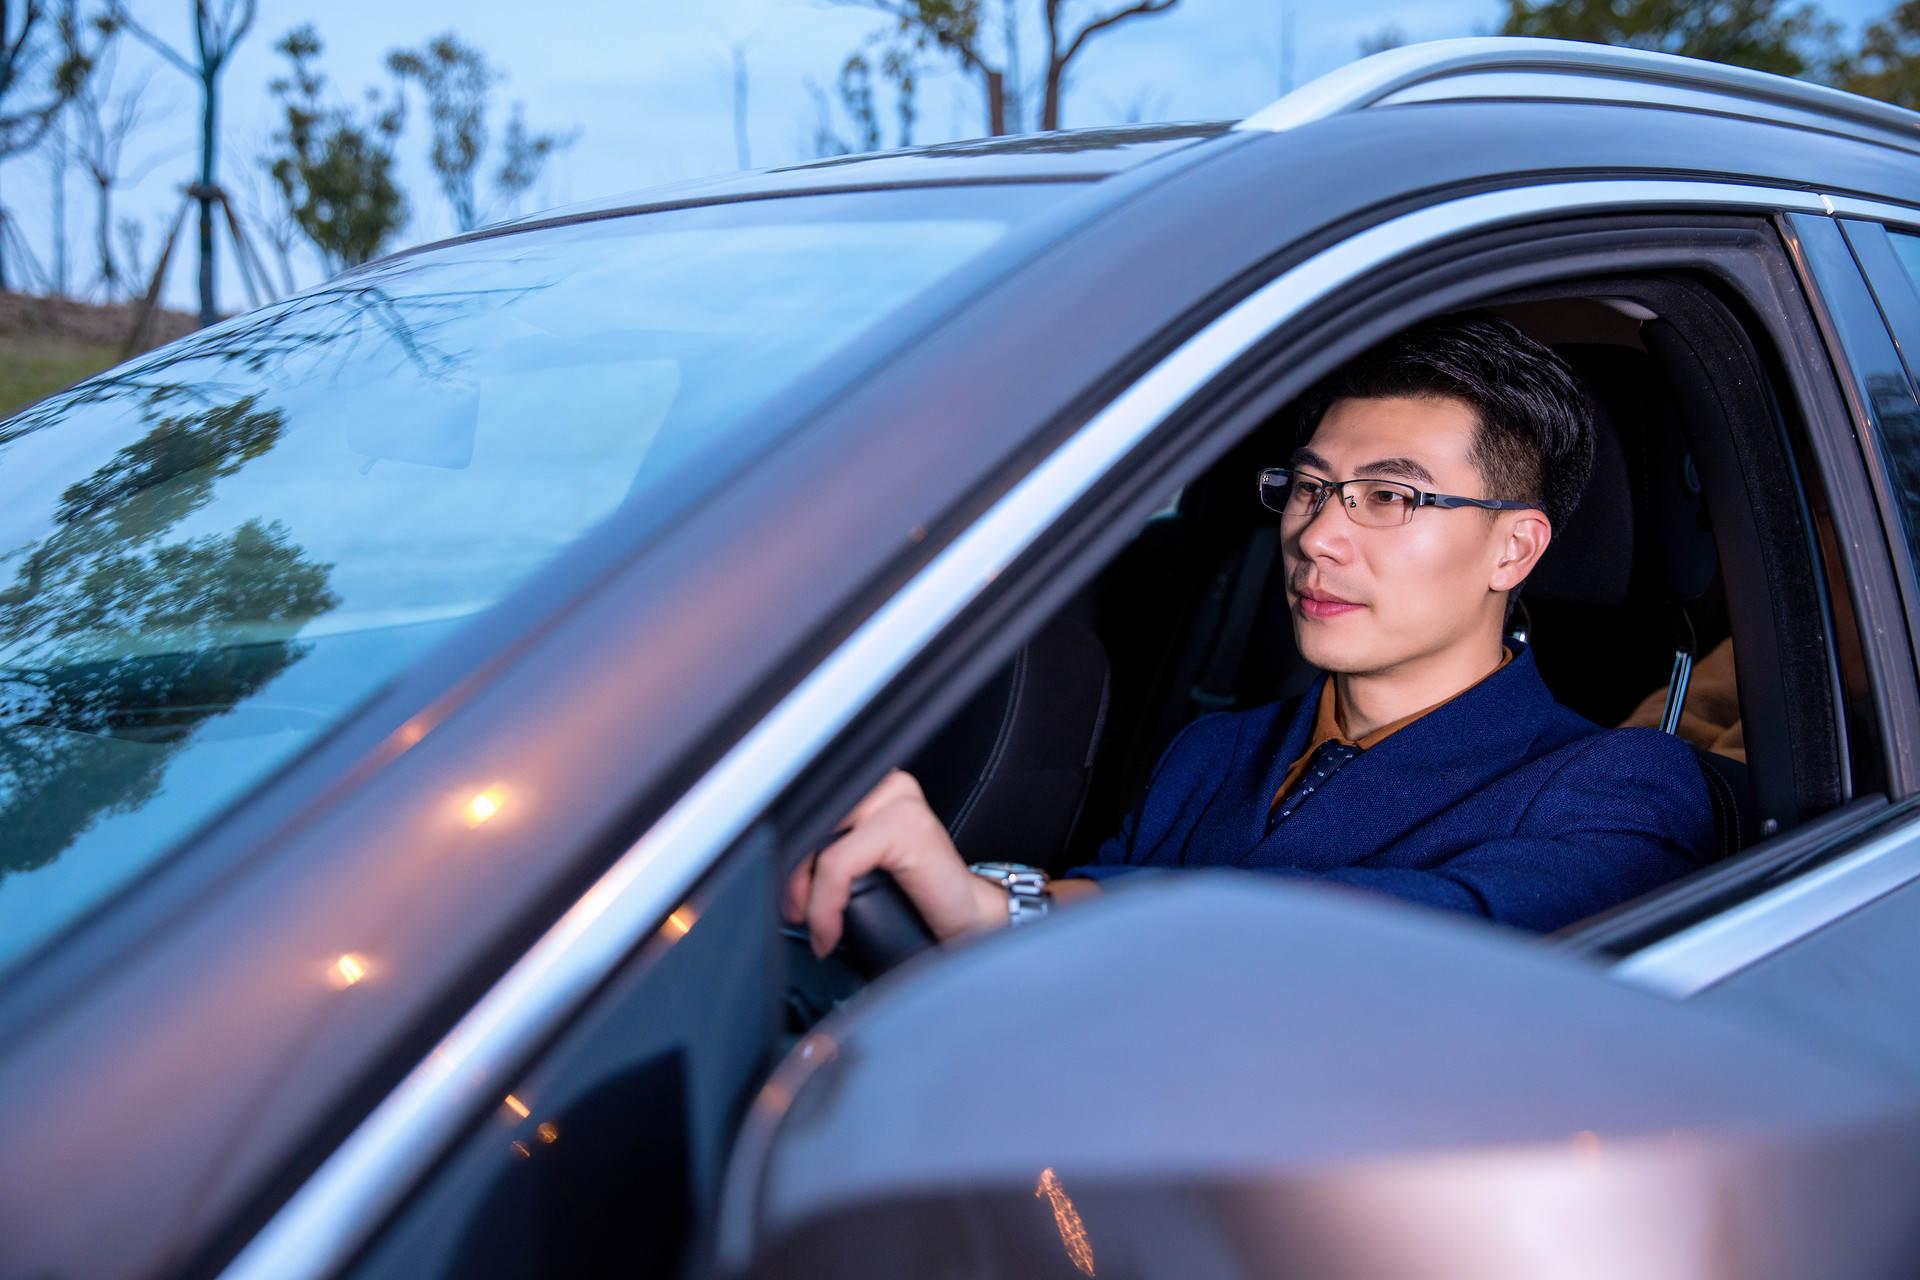 开车内容很详细的现言小说 开车小说疼痛有声音水水